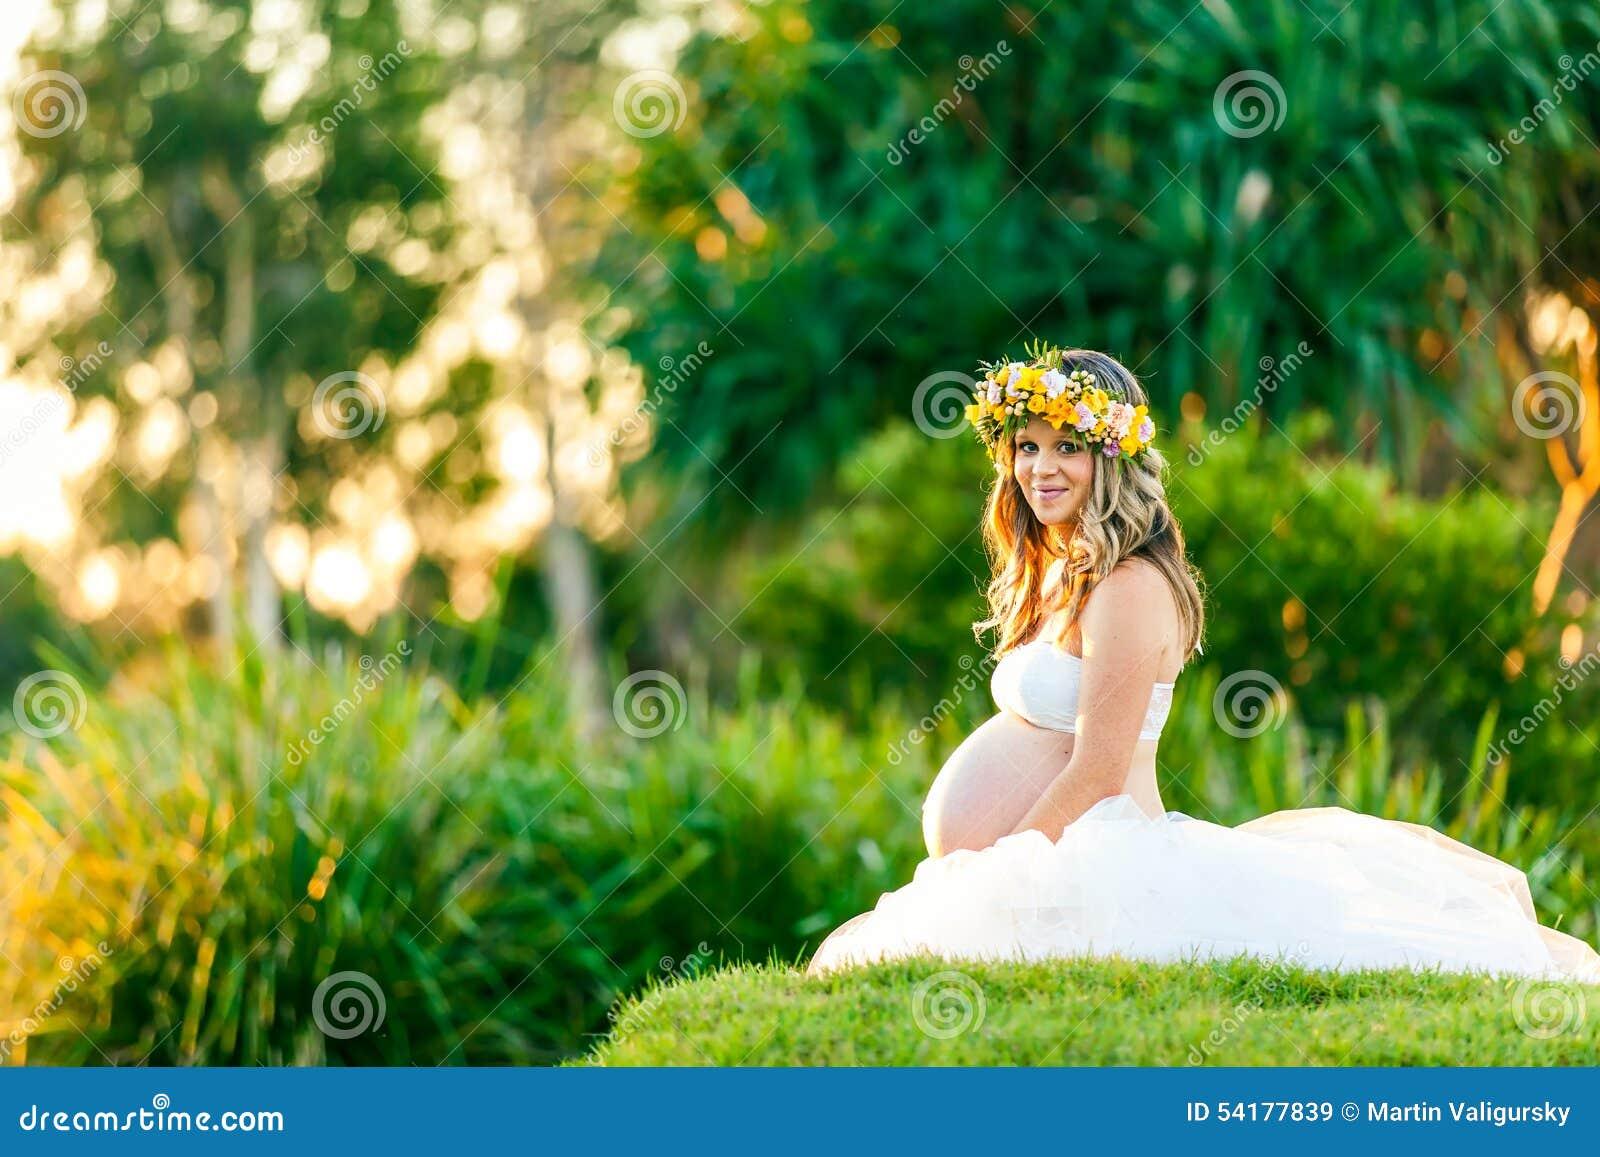 Glimlachende zwangere vrouw in witte kleding met bloemen in haar haar